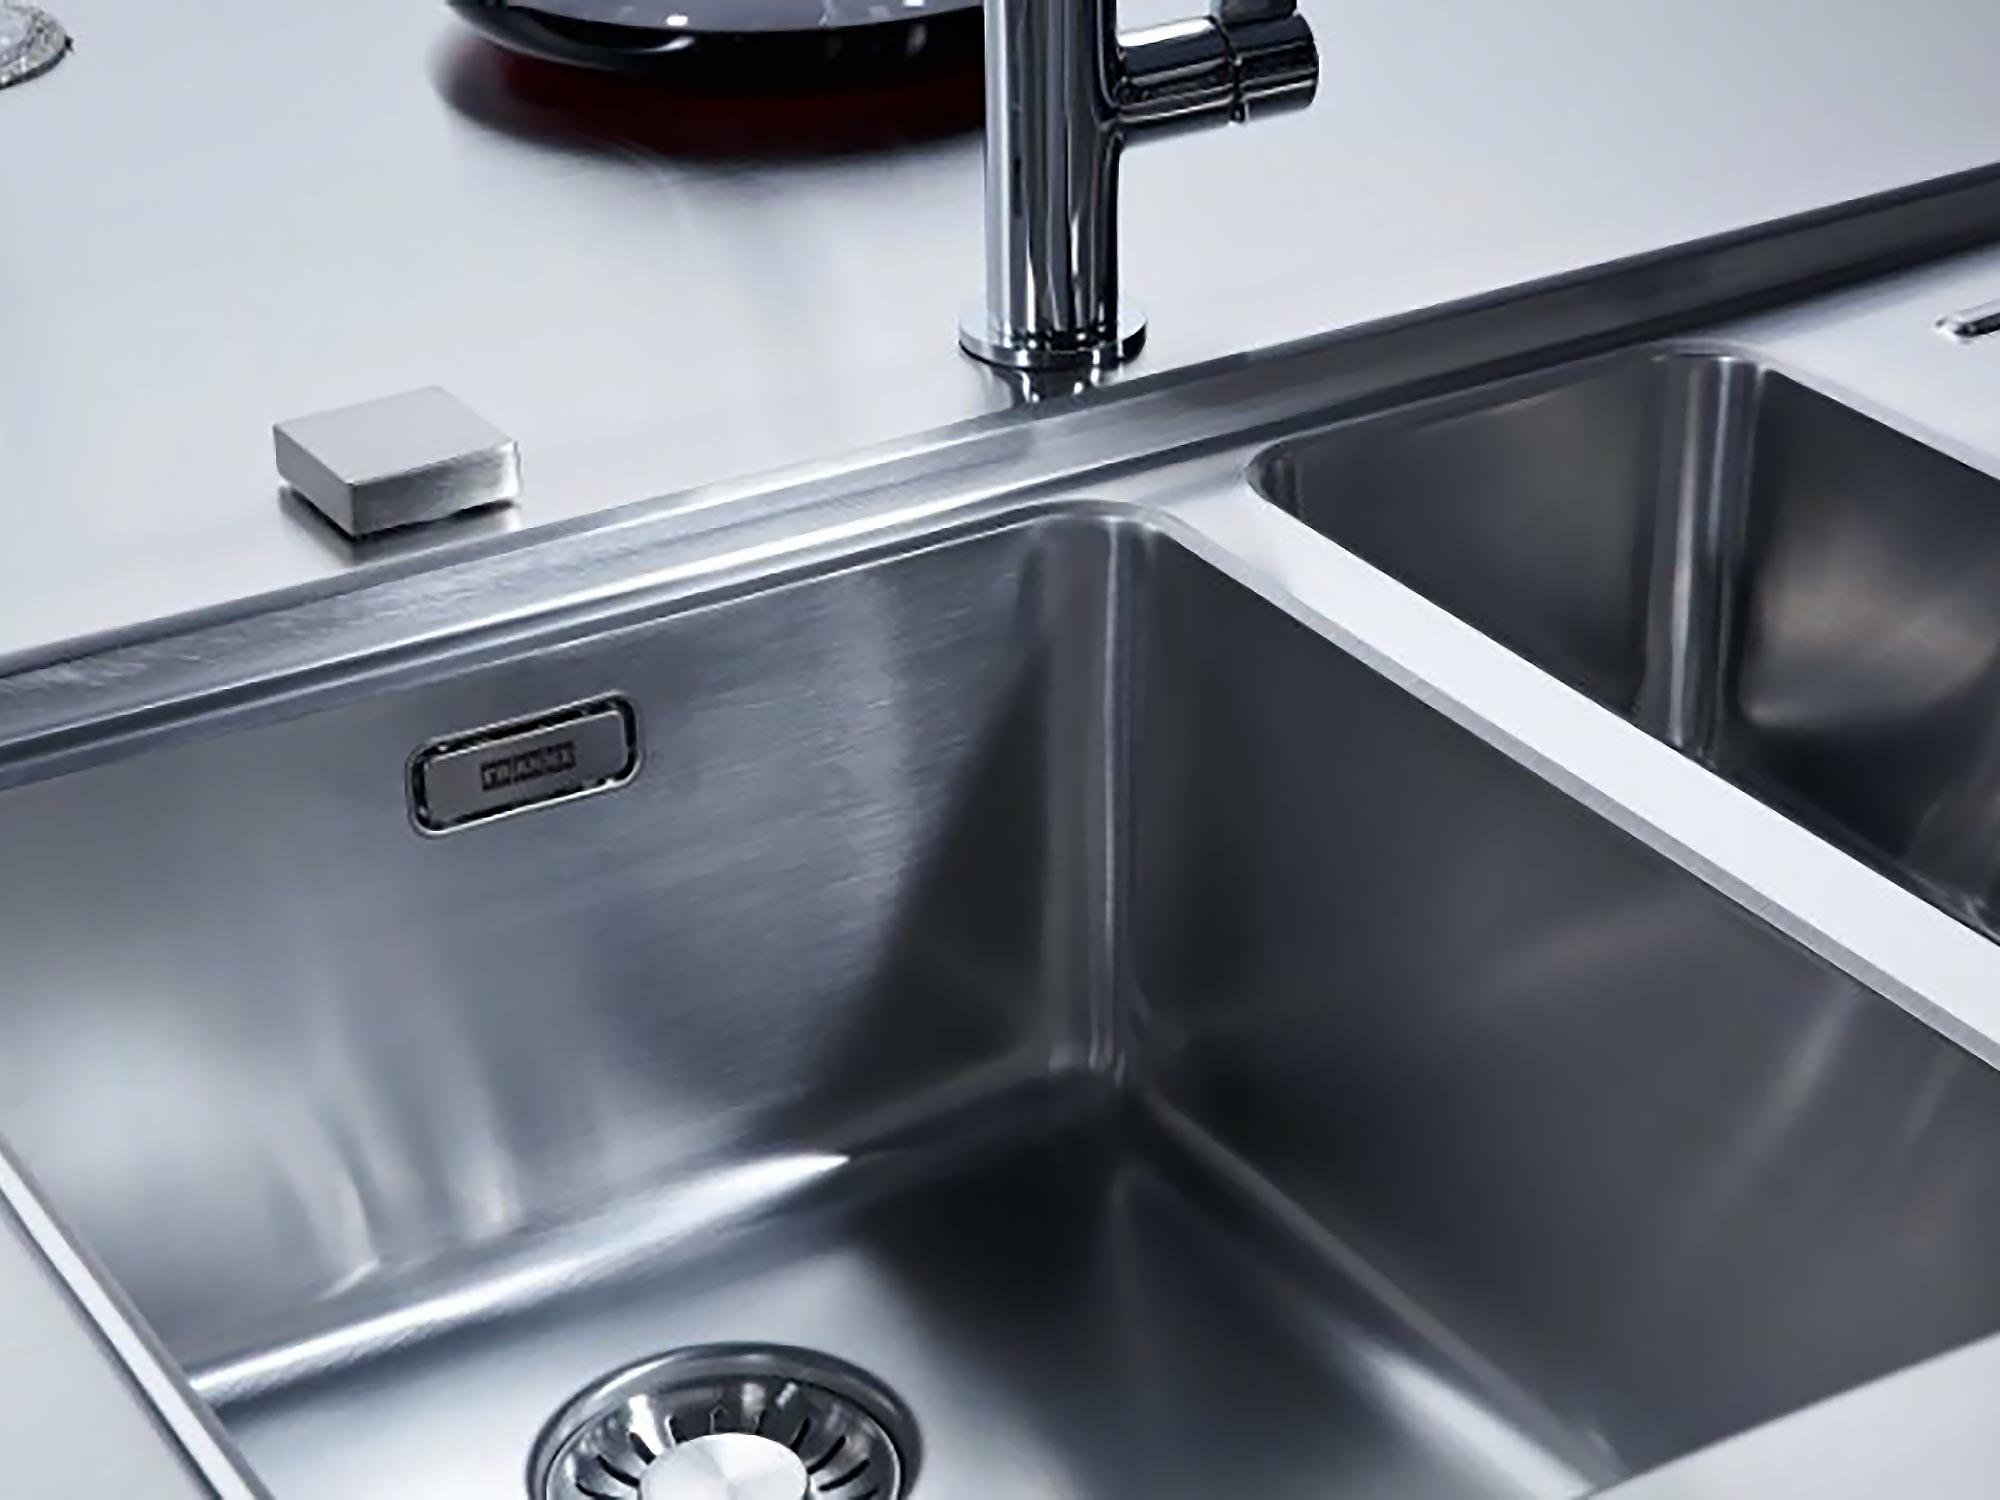 Franke kitchen sink stainless steel